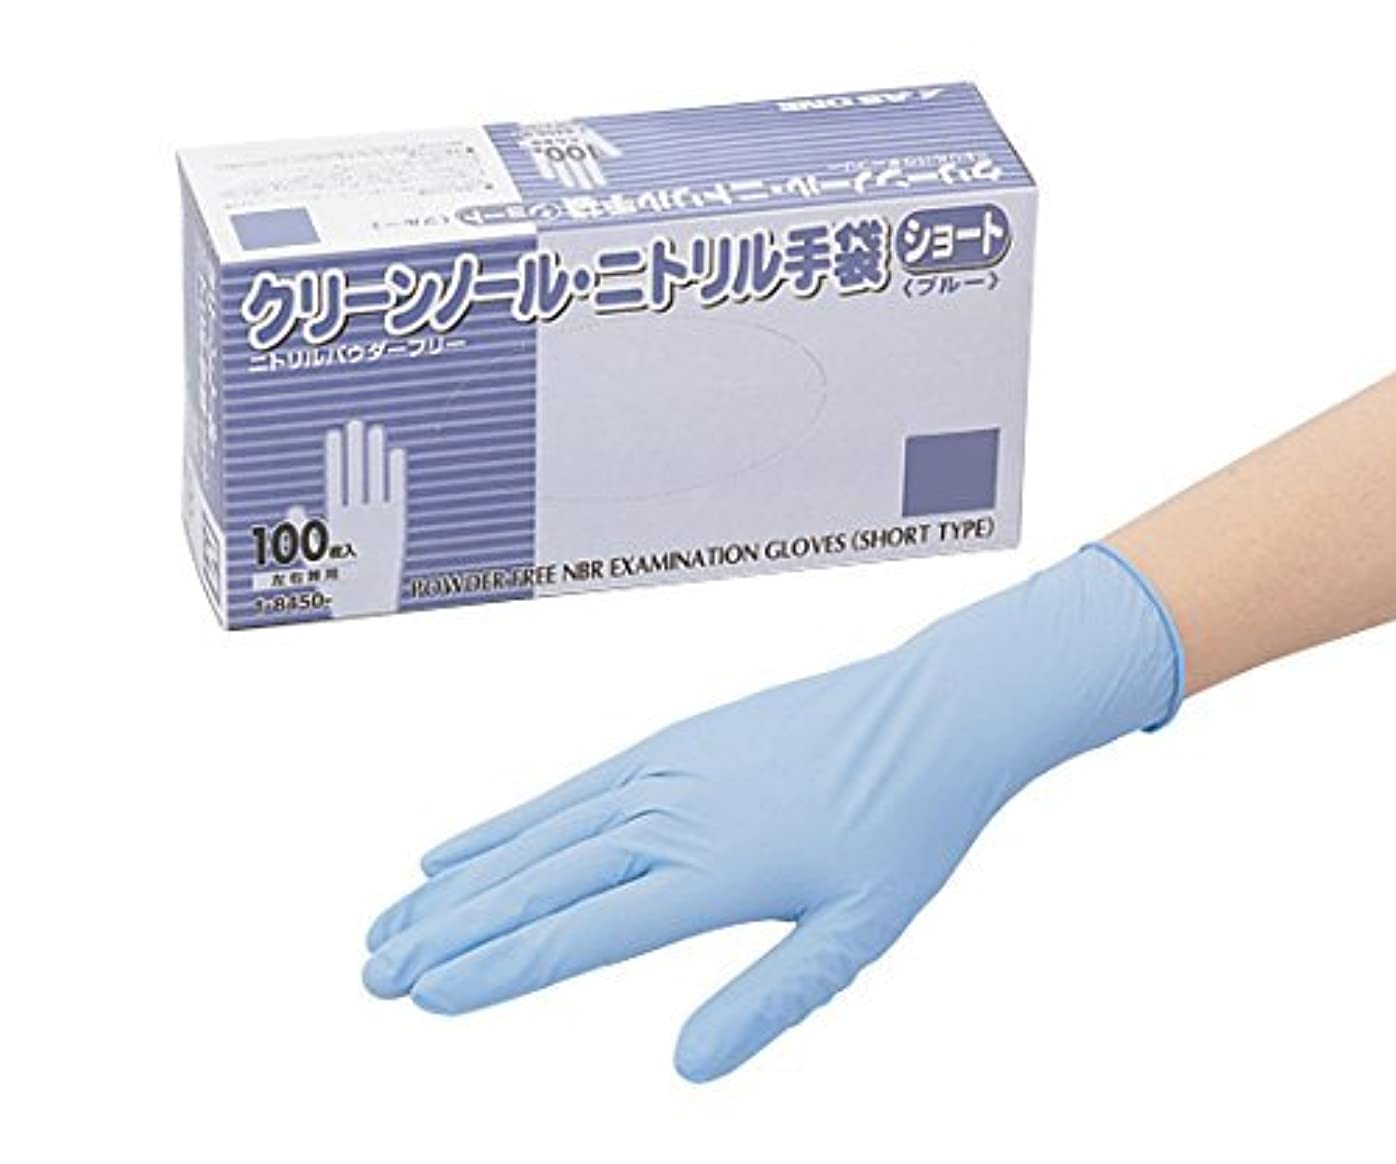 窓を洗う軽蔑する才能のあるアズワン1-8450-24クリーンノールニトリル手袋ショート(パウダーフリ-)ブルーSS100枚入